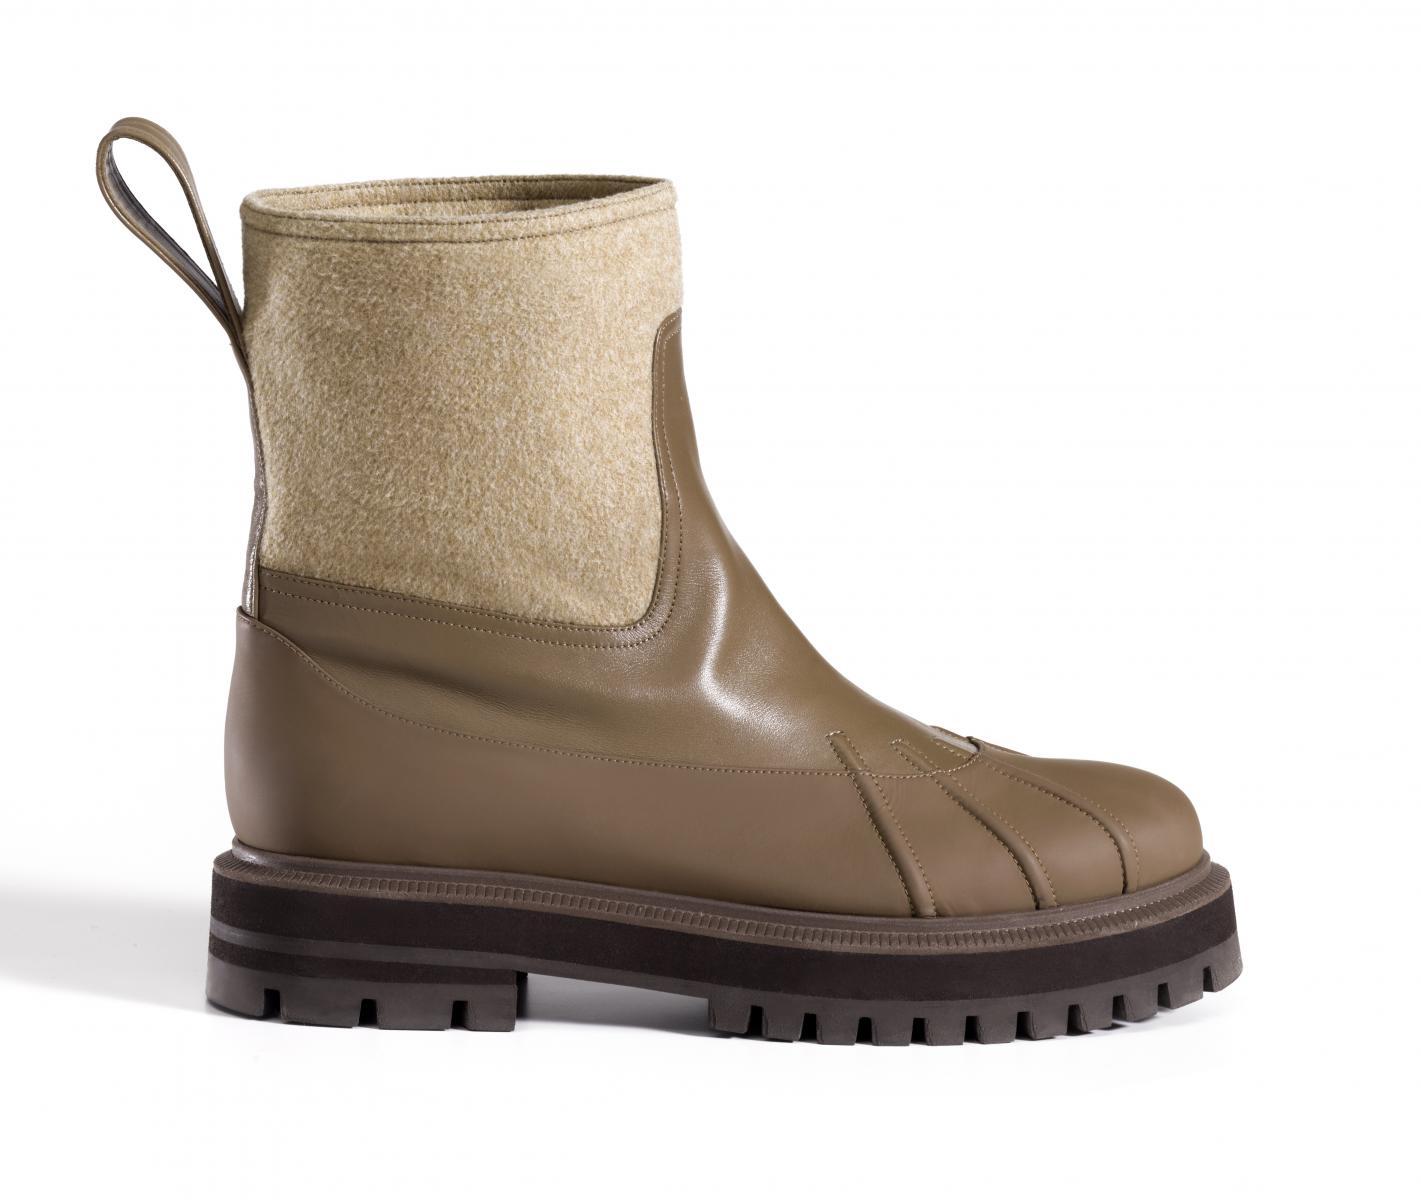 2020秋季短靴Top 10率先看!LV、Dior、Gucci...穿出+5cm逆天長腿就靠它-6